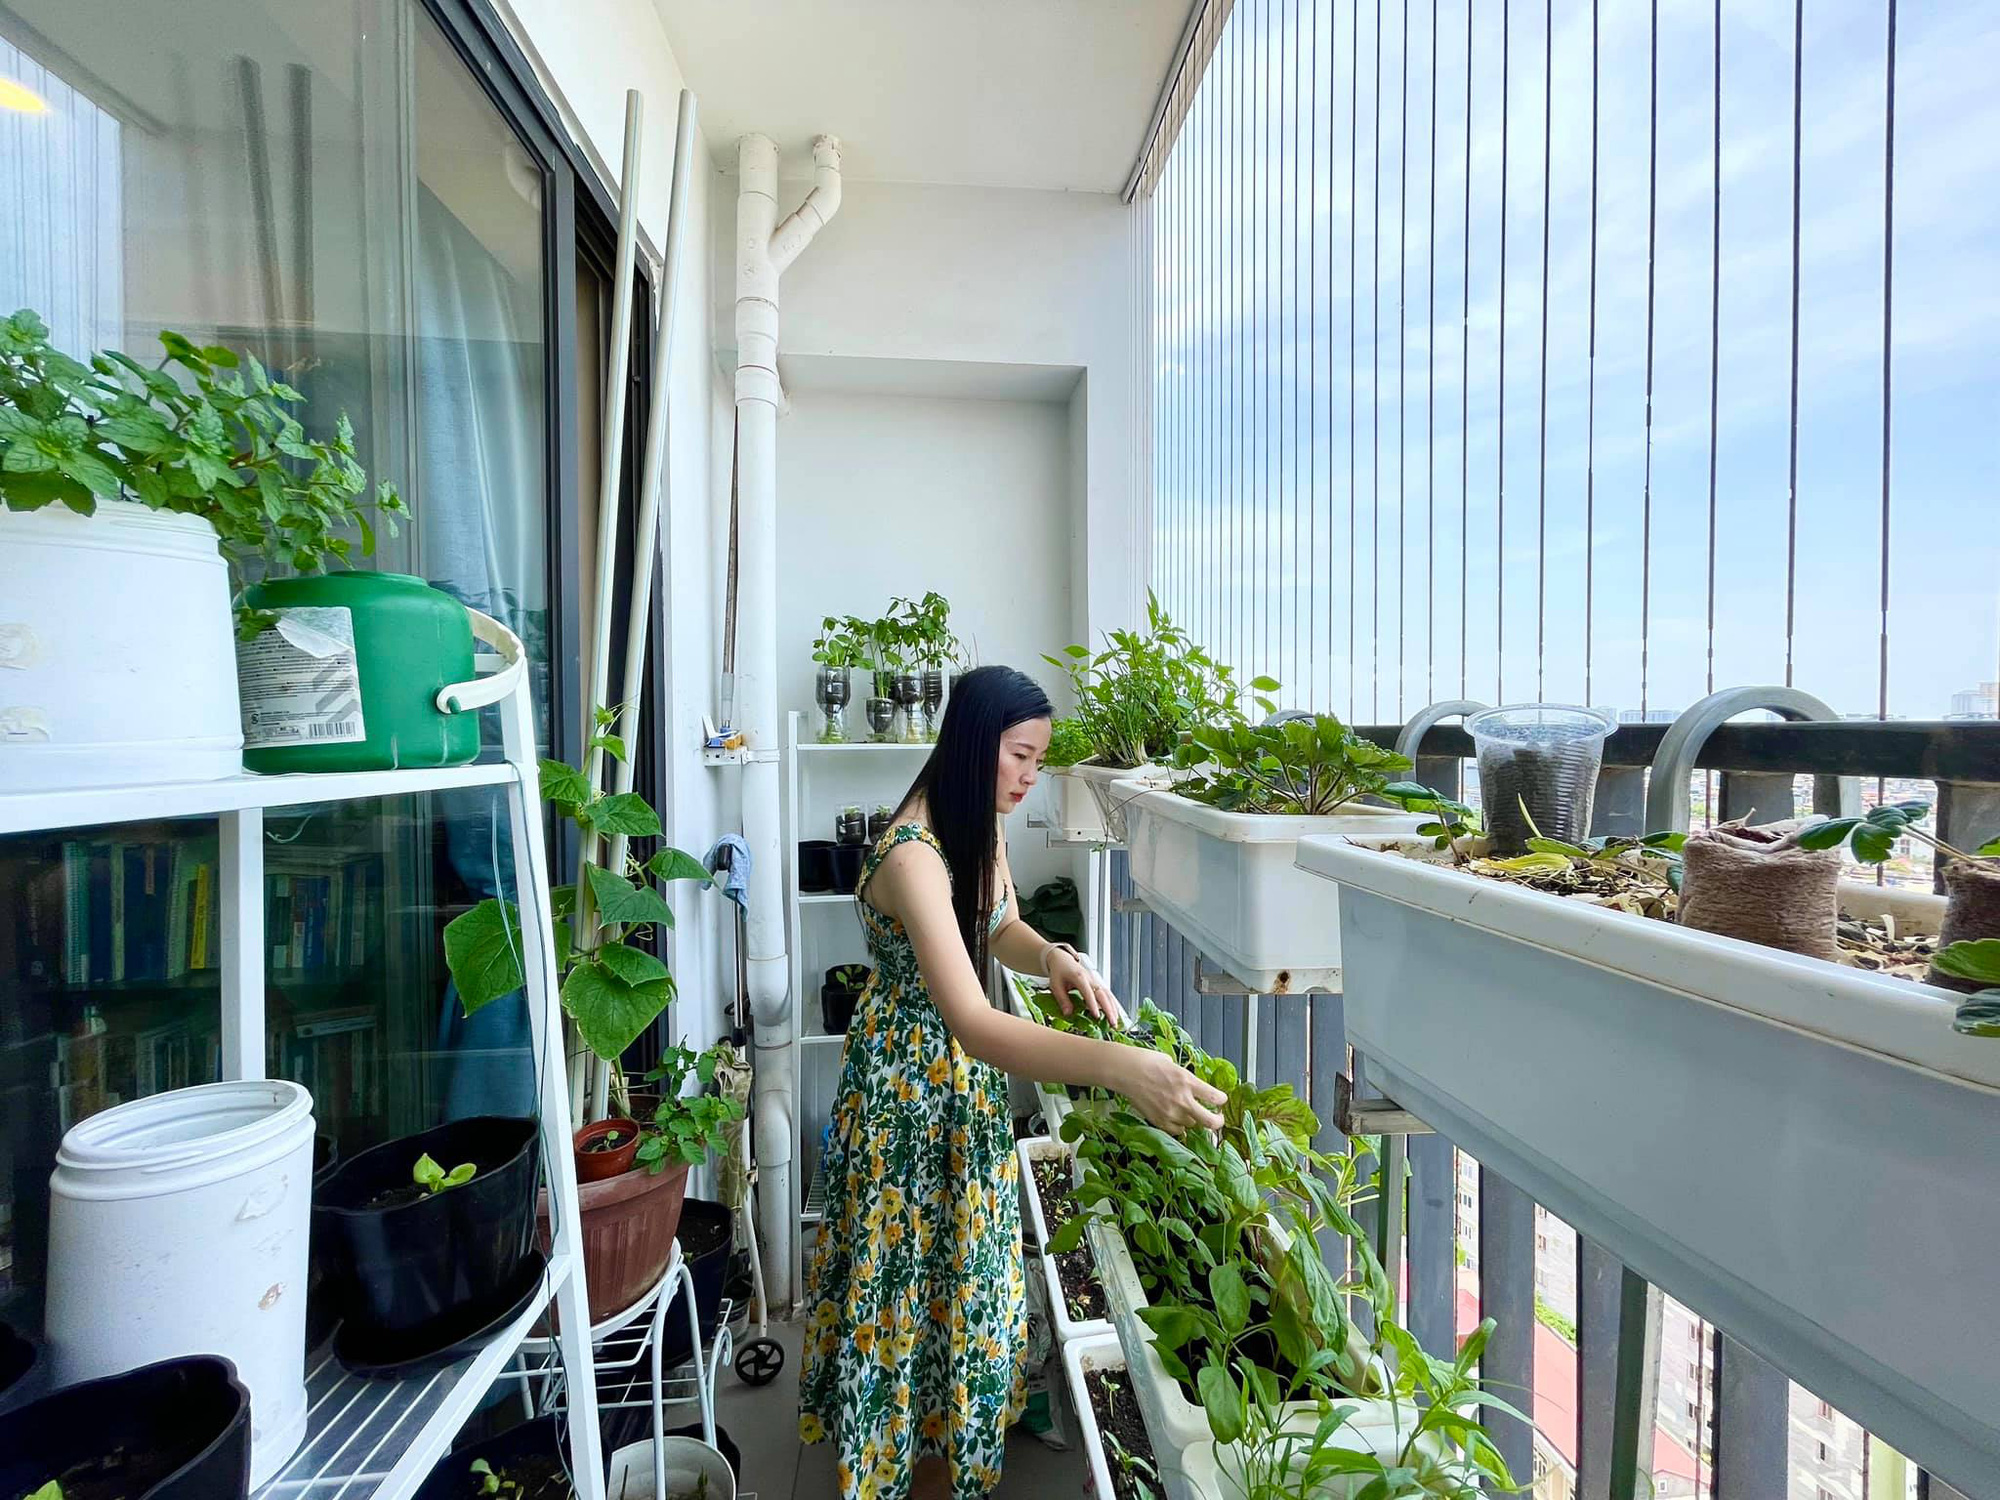 Ban công 7m2 vẫn đủ rau ăn cho cả nhà trong mùa dịch giãn cách ở Hà Nội - Ảnh 6.